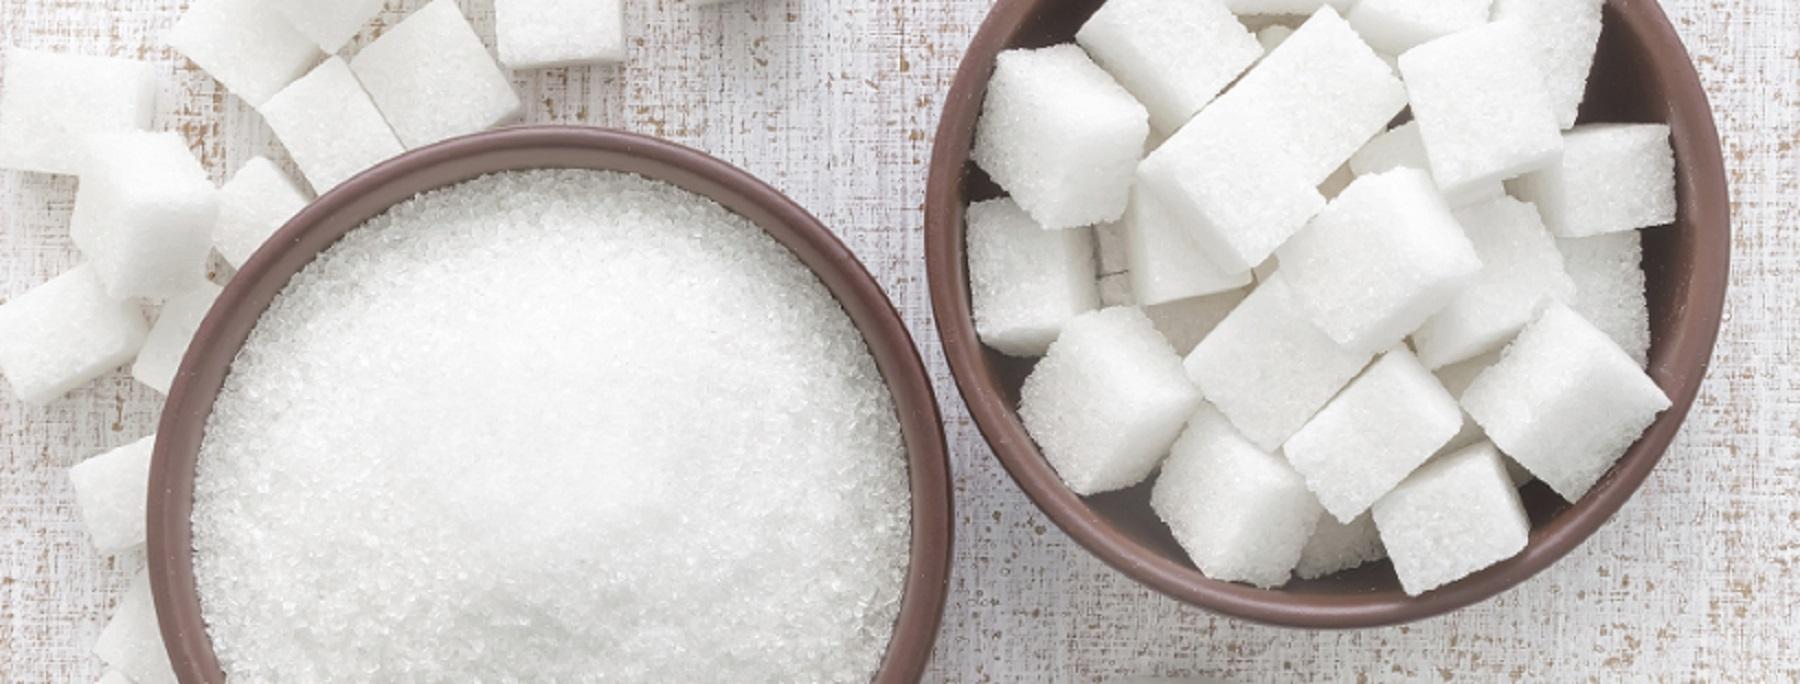 http://Mitos%20e%20falácias%20sobre%20o%20Açúcar